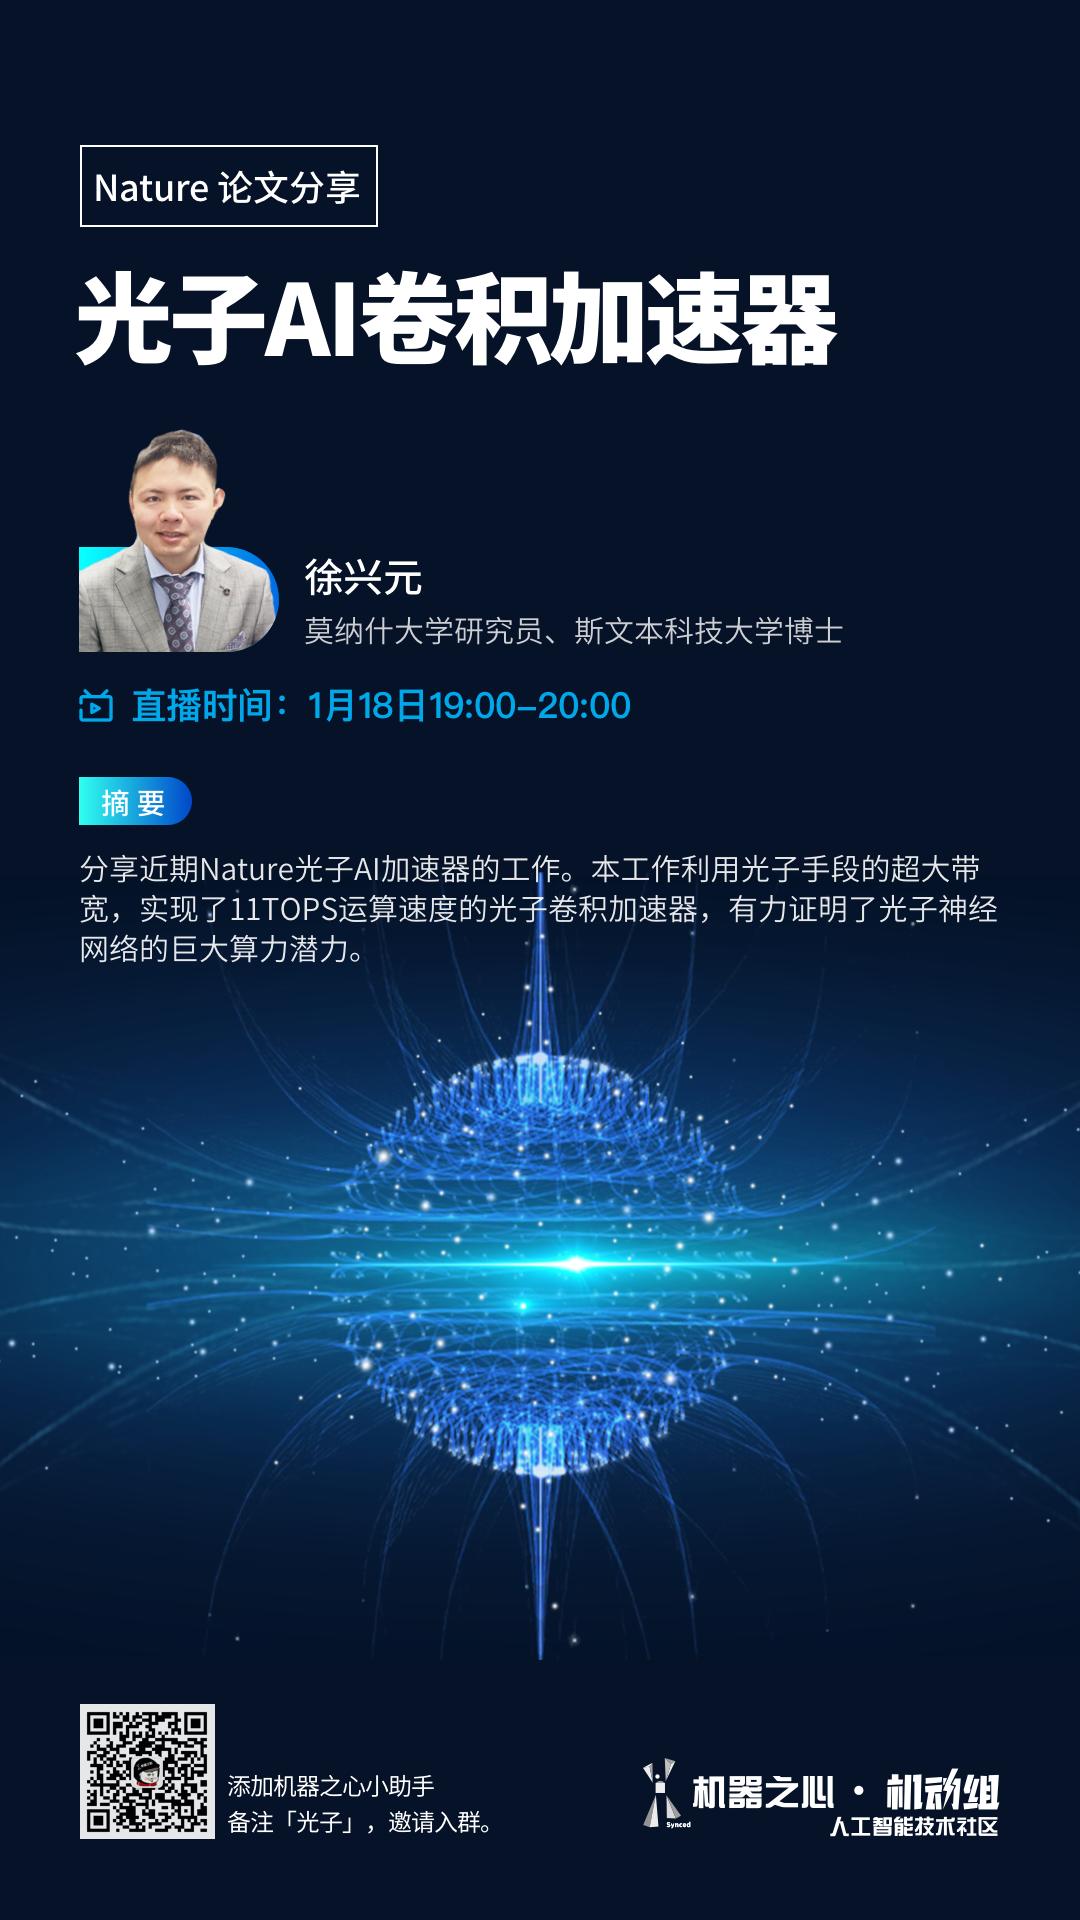 报名 | 世界最快光子AI卷积加速器登上Nature,论文一作、华人博士线上解读前沿研究